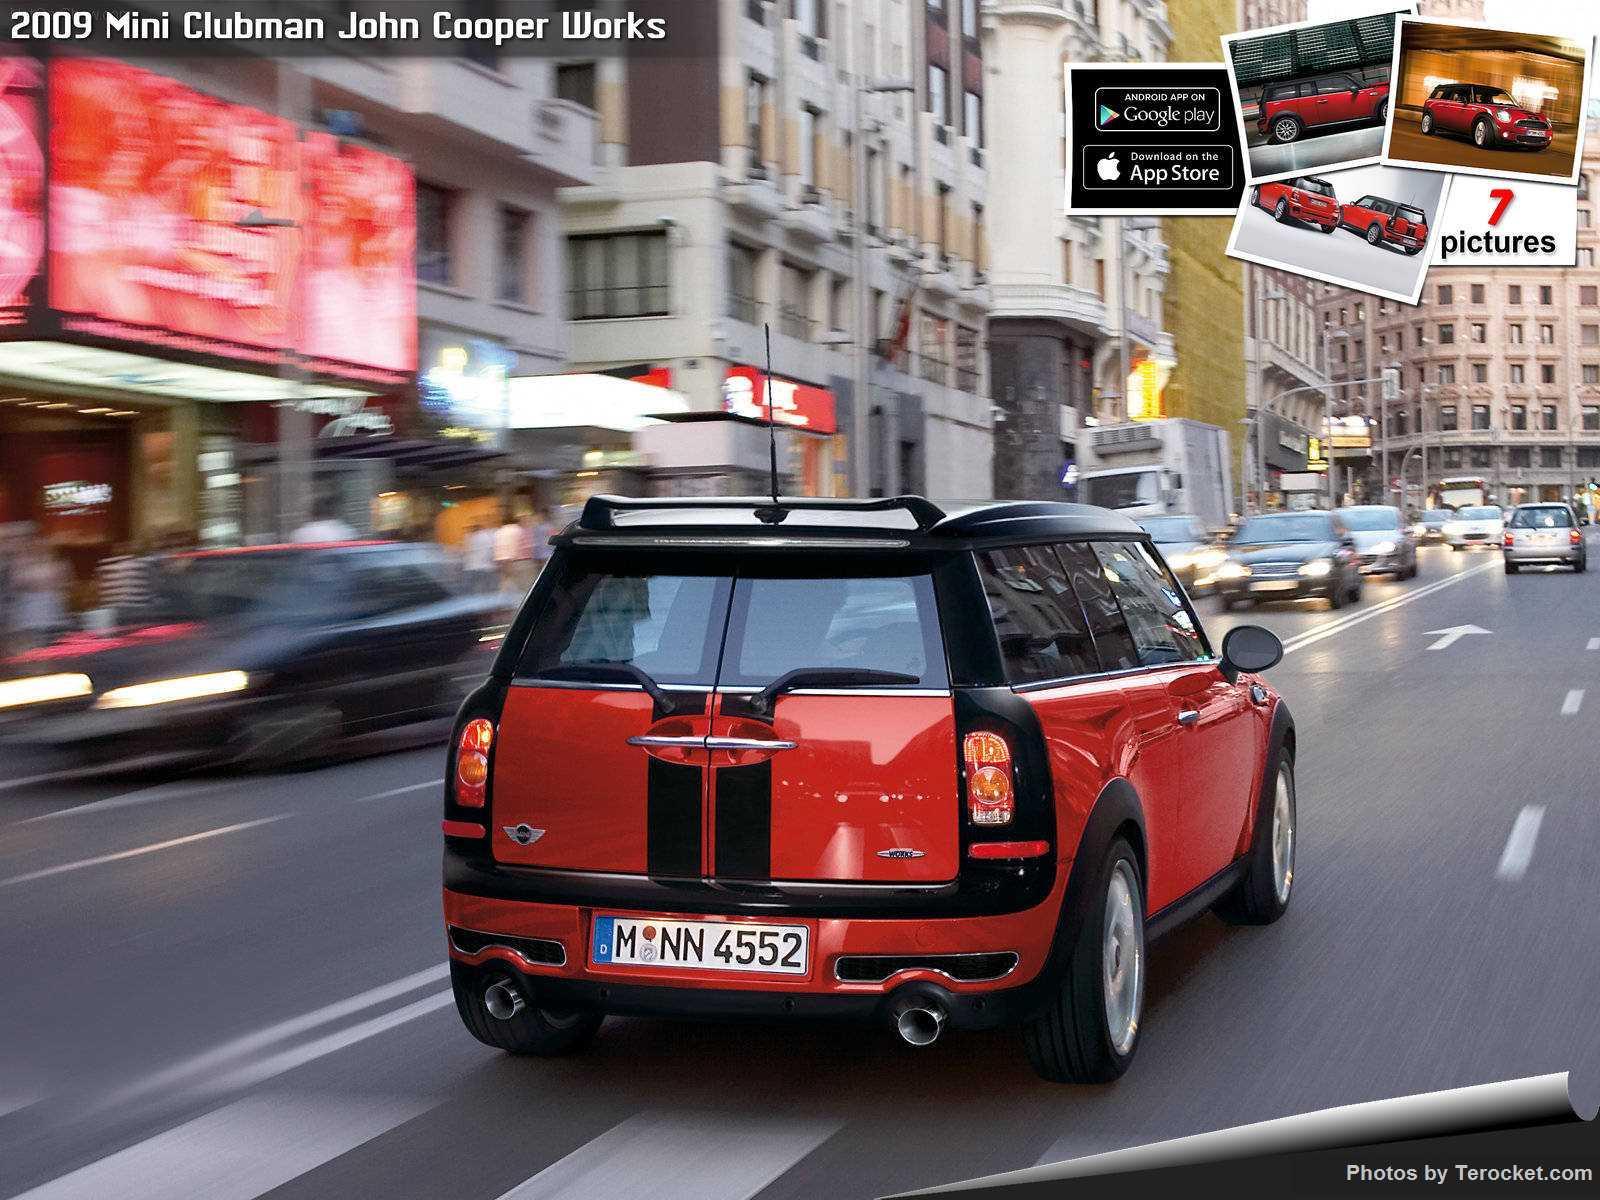 Hình ảnh xe ô tô Mini Clubman John Cooper Works 2009 & nội ngoại thất